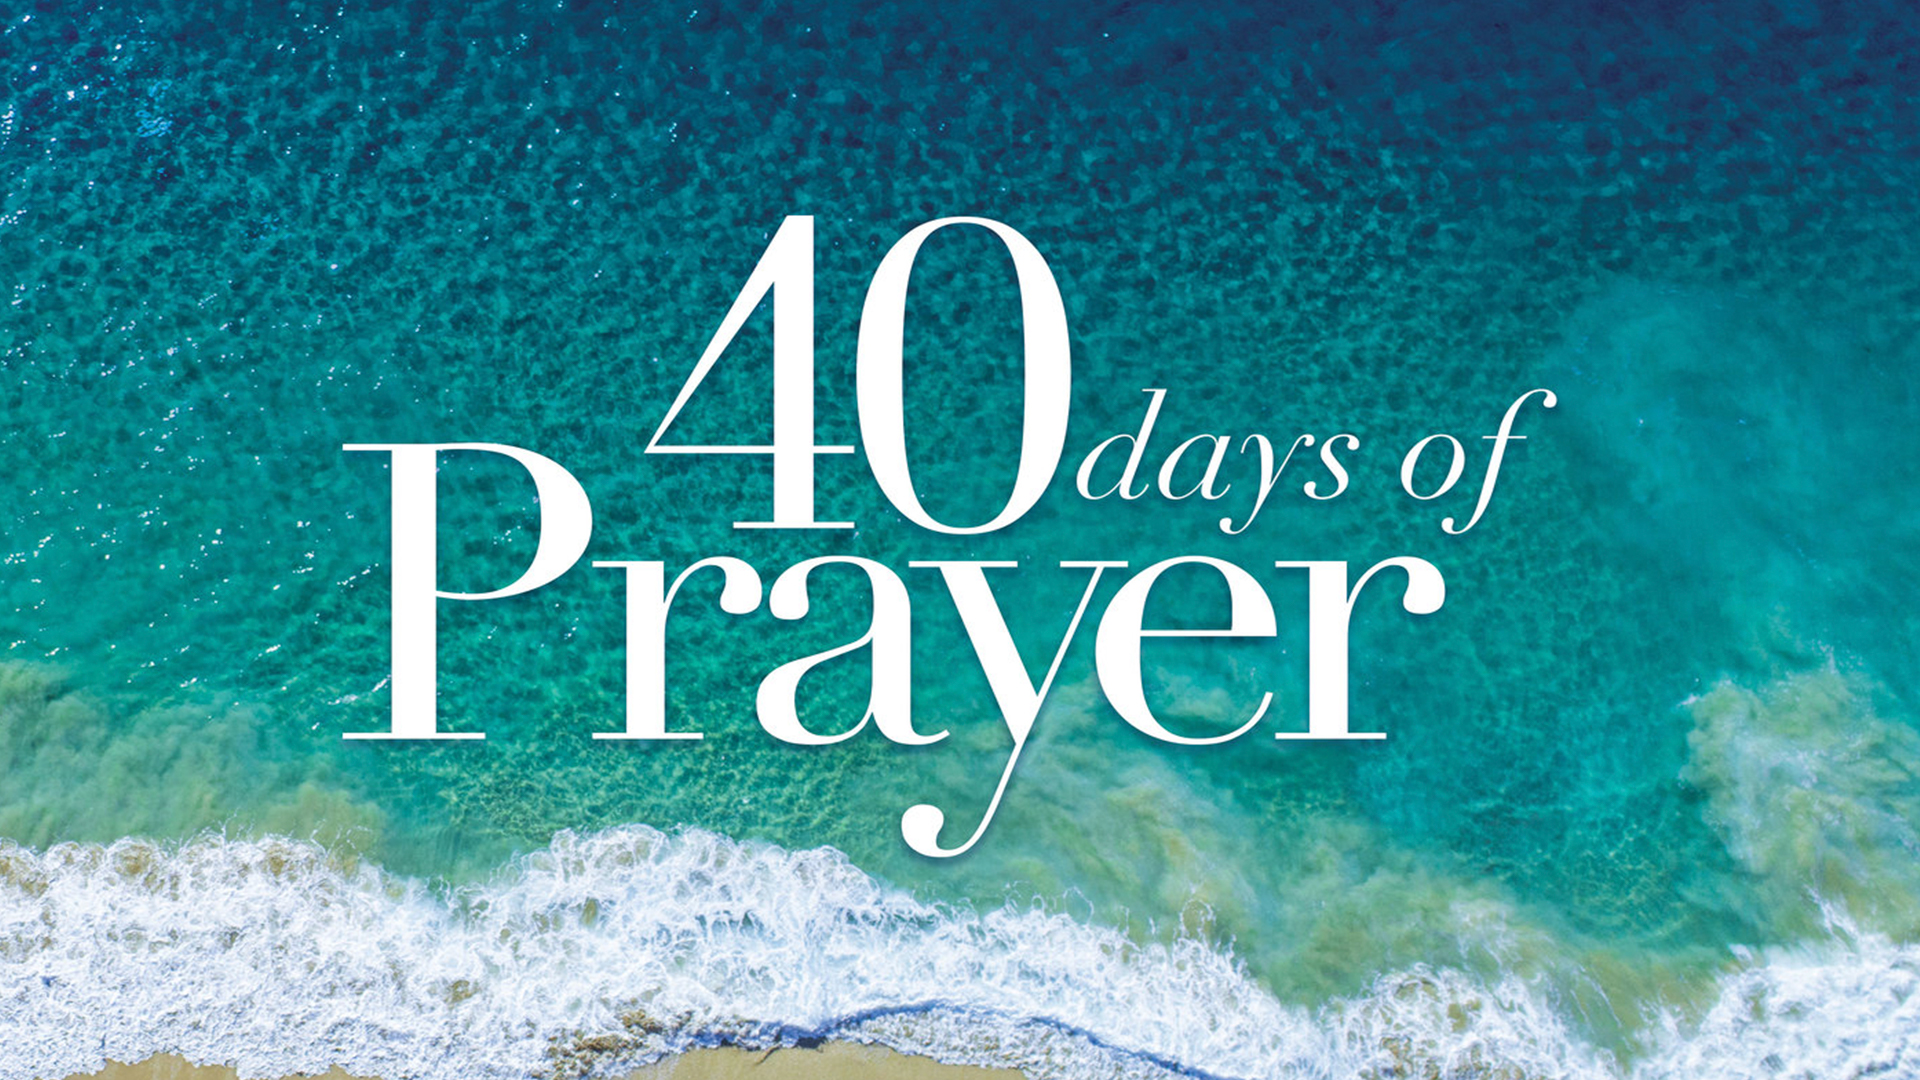 40_Prayer_1920x1080.jpg